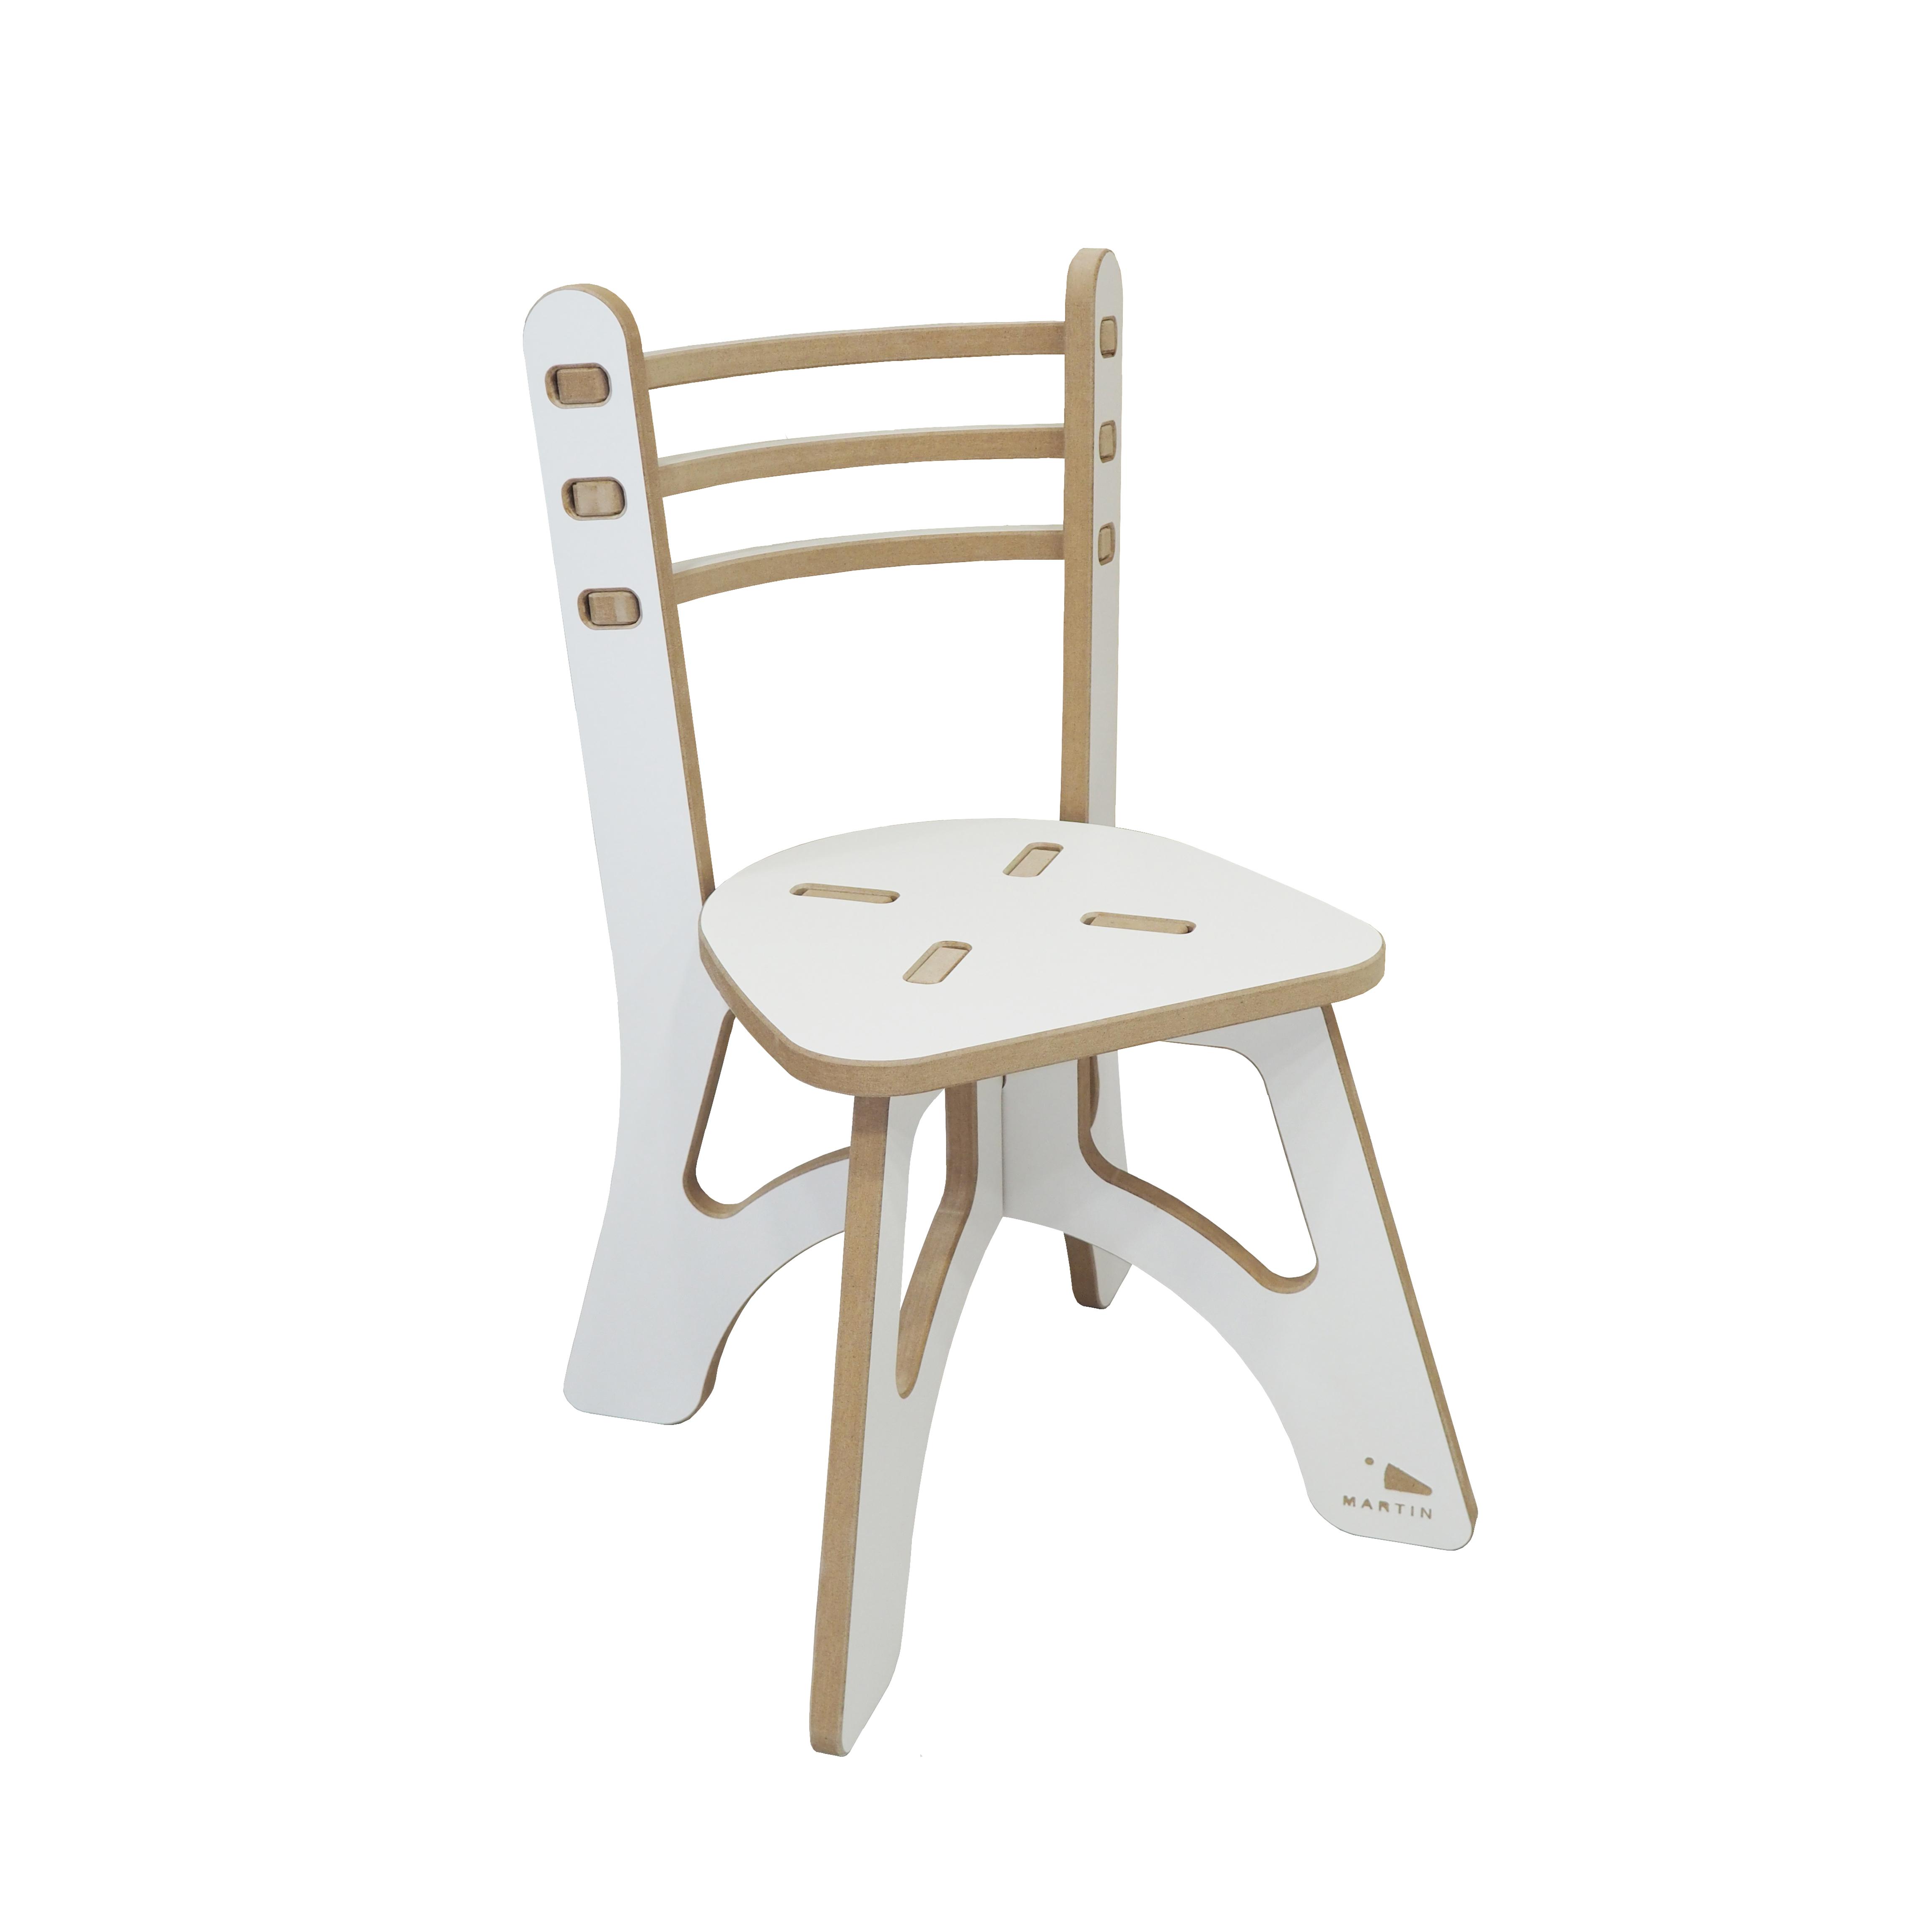 Купить Стул детский MARTIN, Детские стульчики